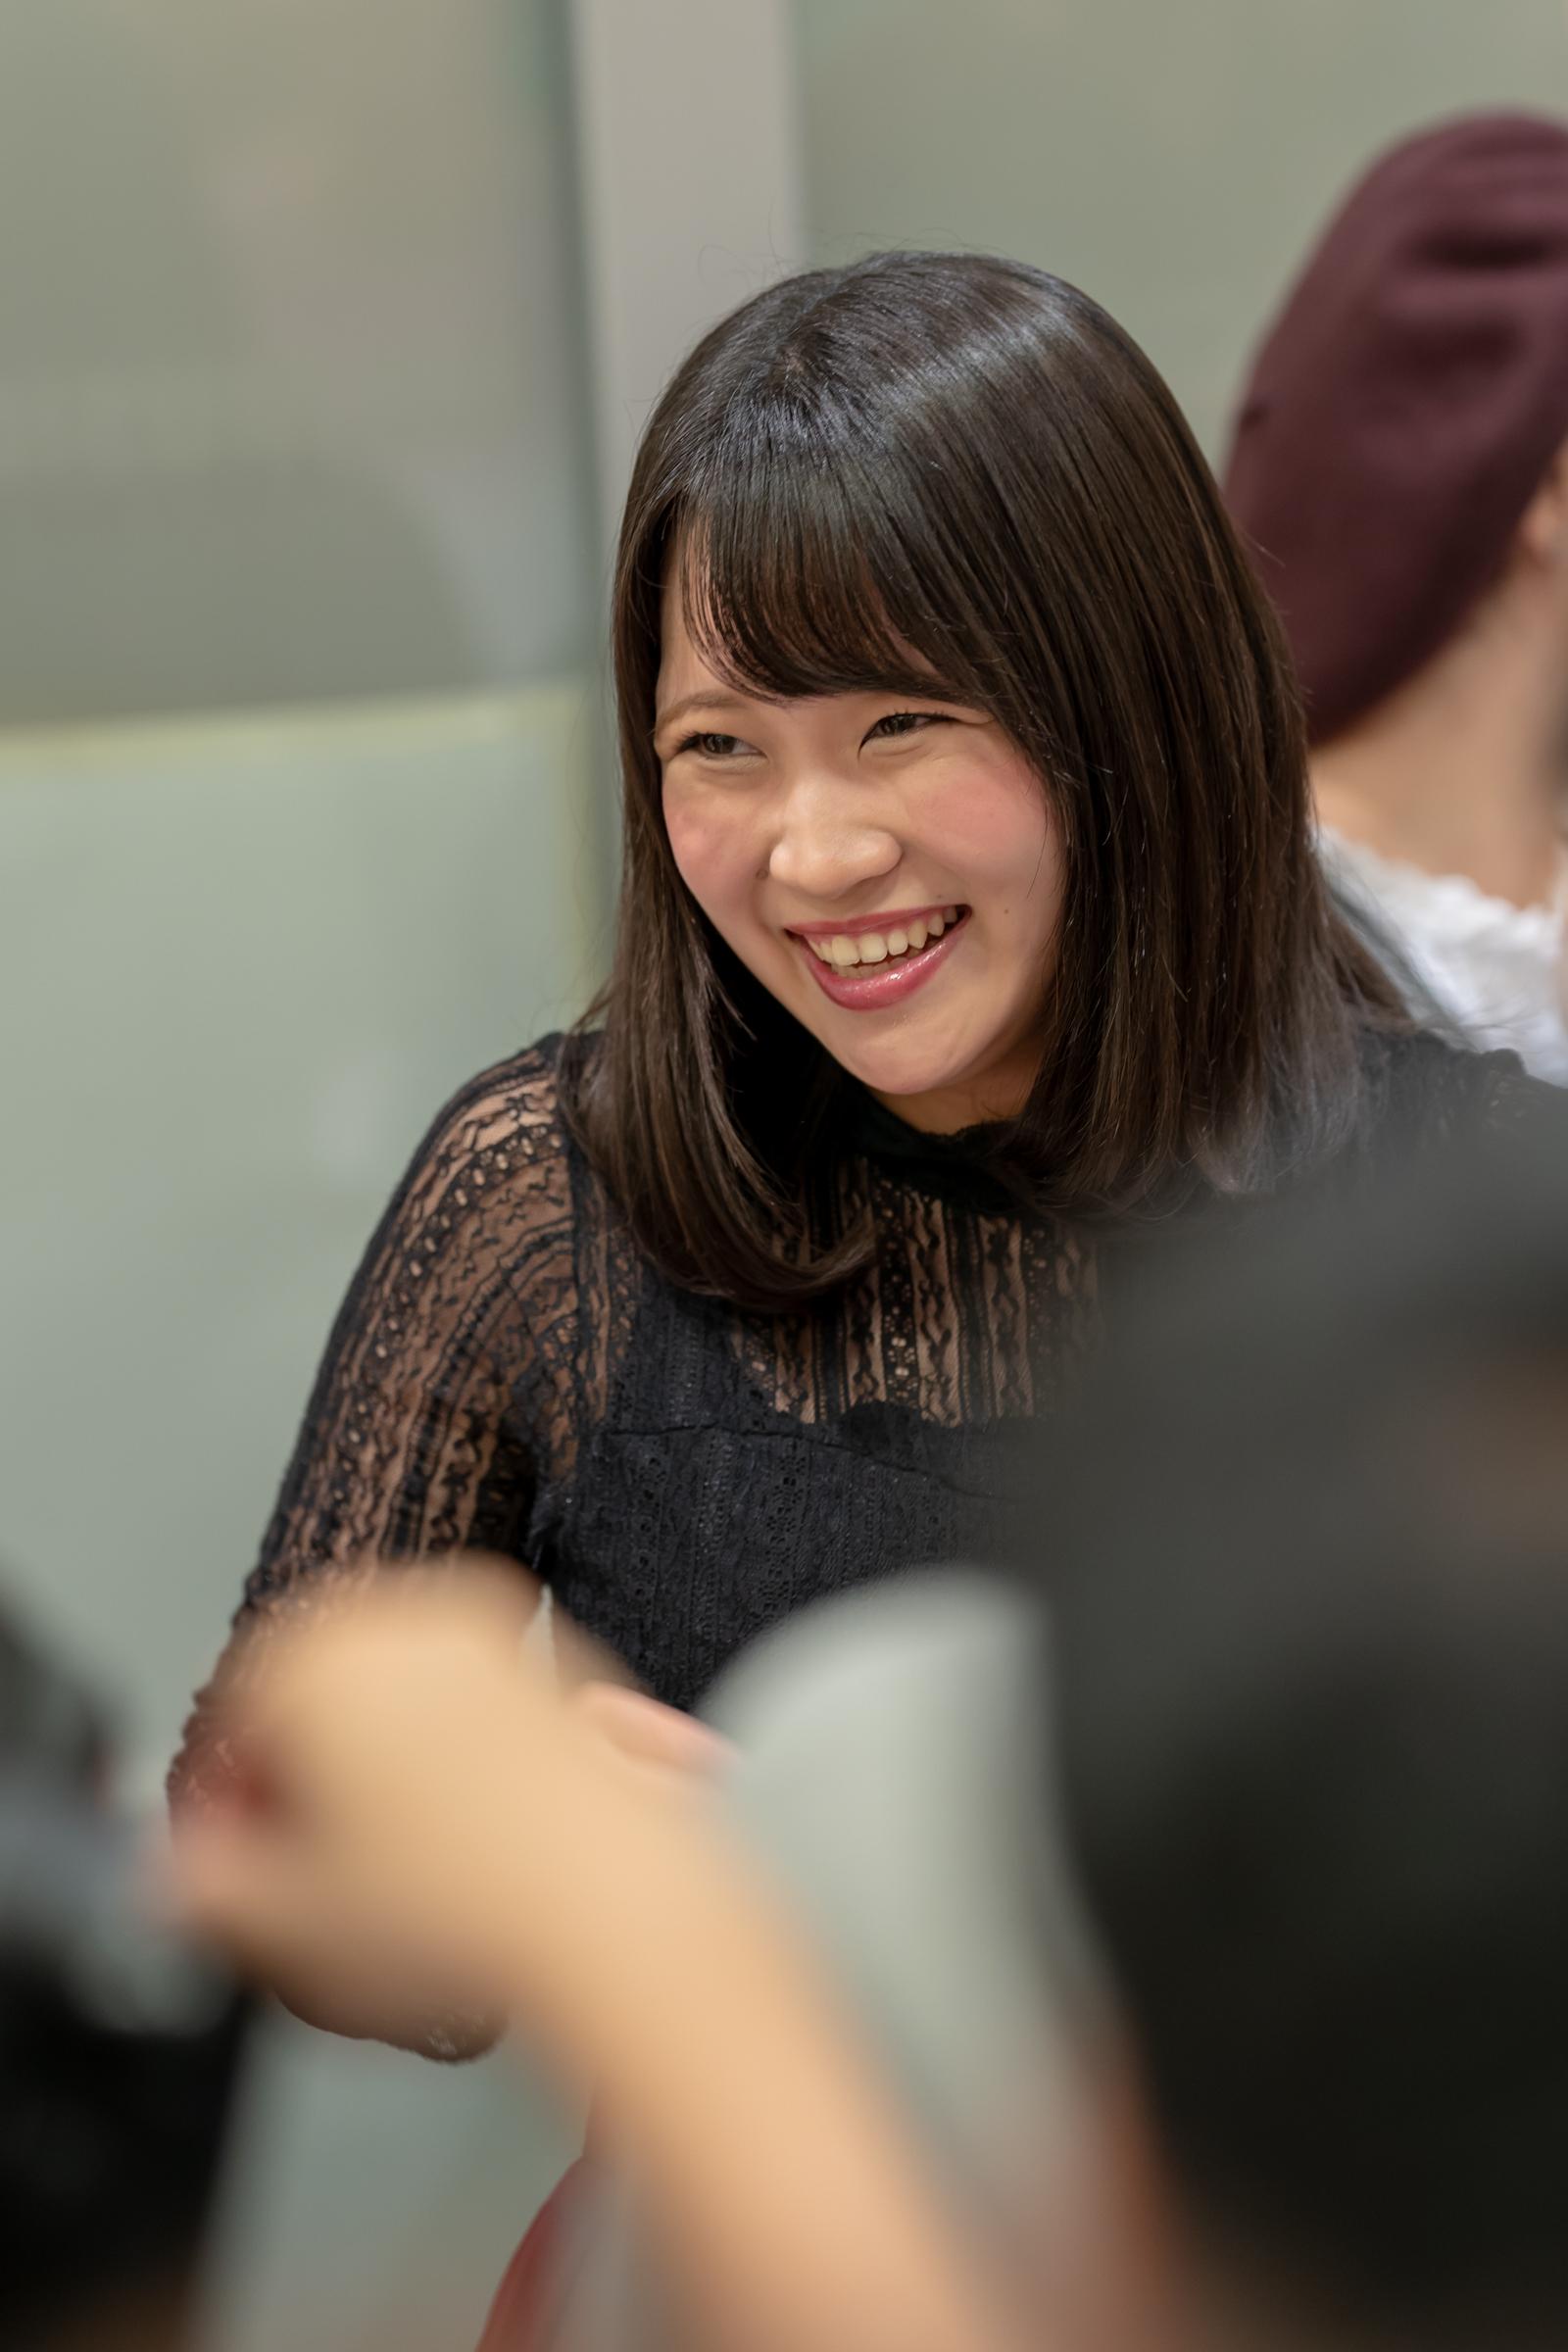 フルーティー♡ みさと ( 須藤美里 ) | メジャーシングル第2弾「FRONT LINER」リリースイベント